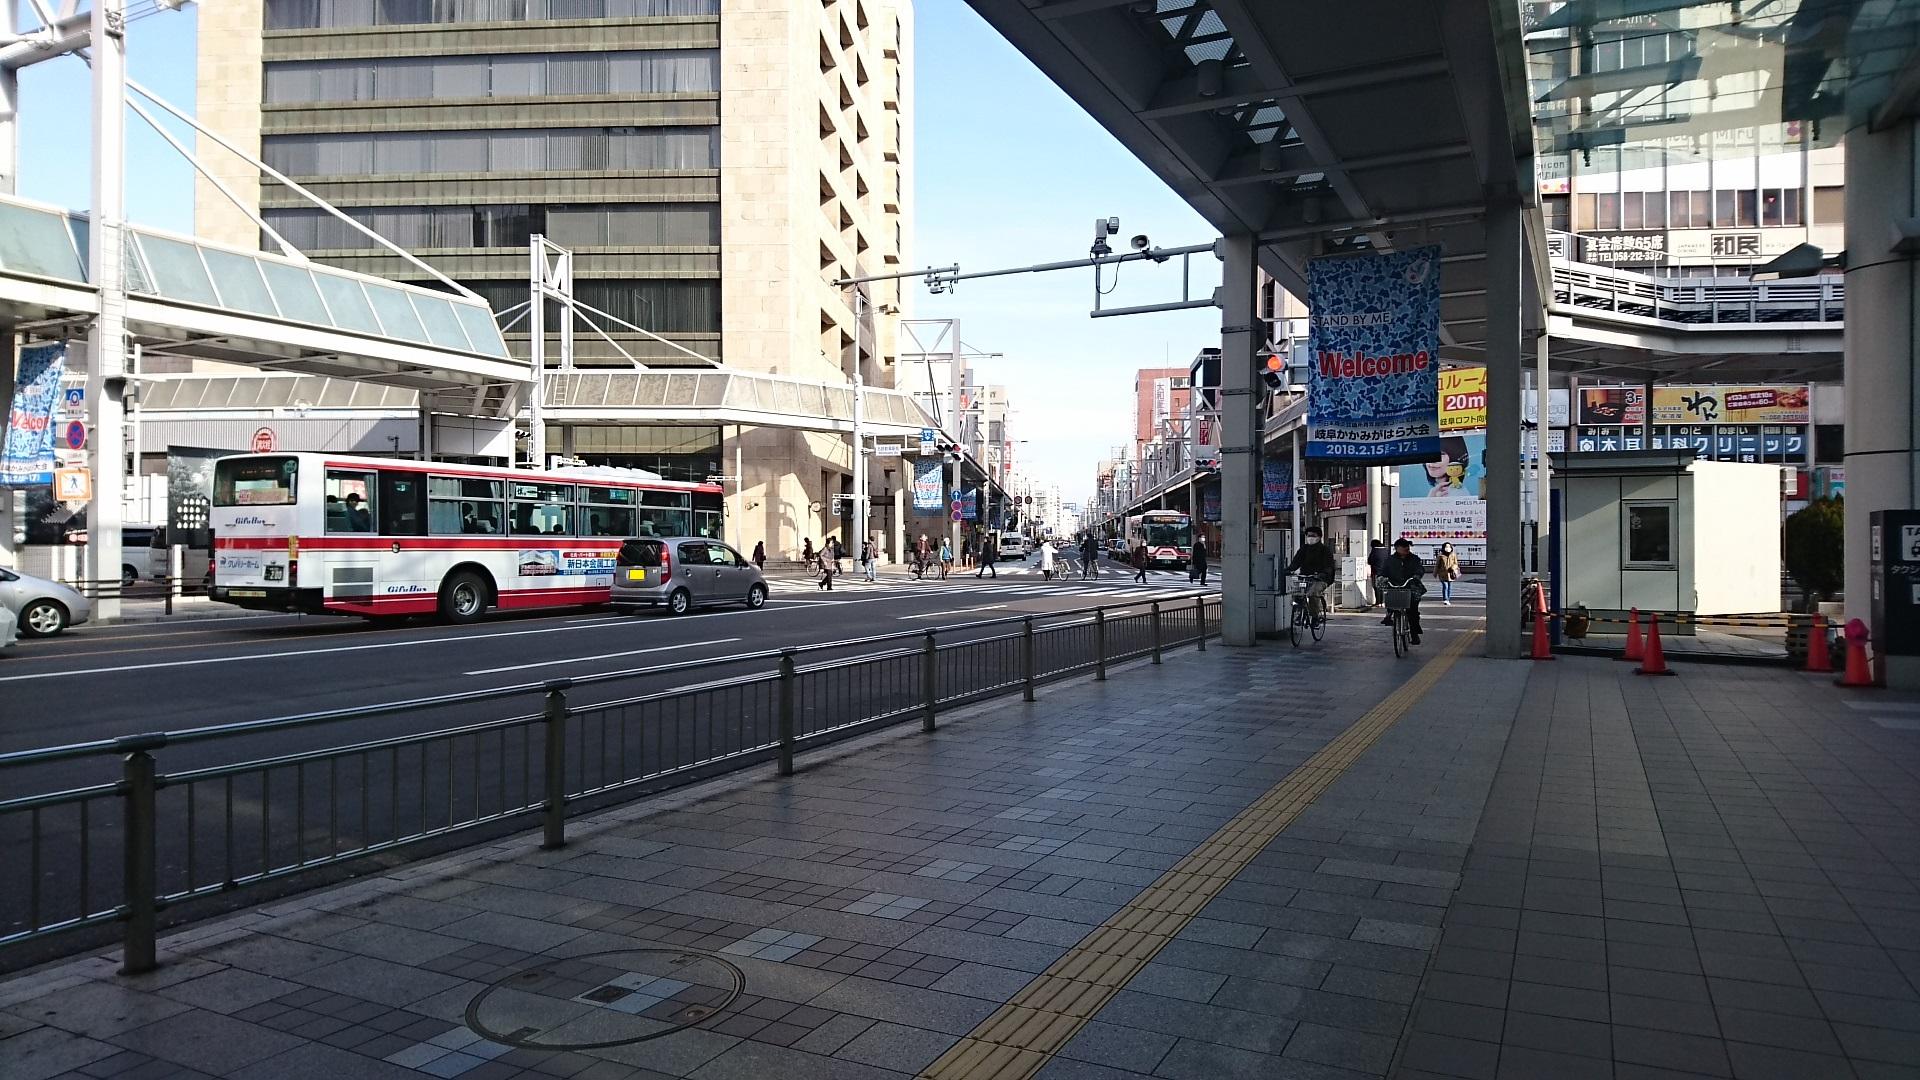 2018.2.19 岐阜 (110) 名鉄岐阜駅前交差点 1920-1080